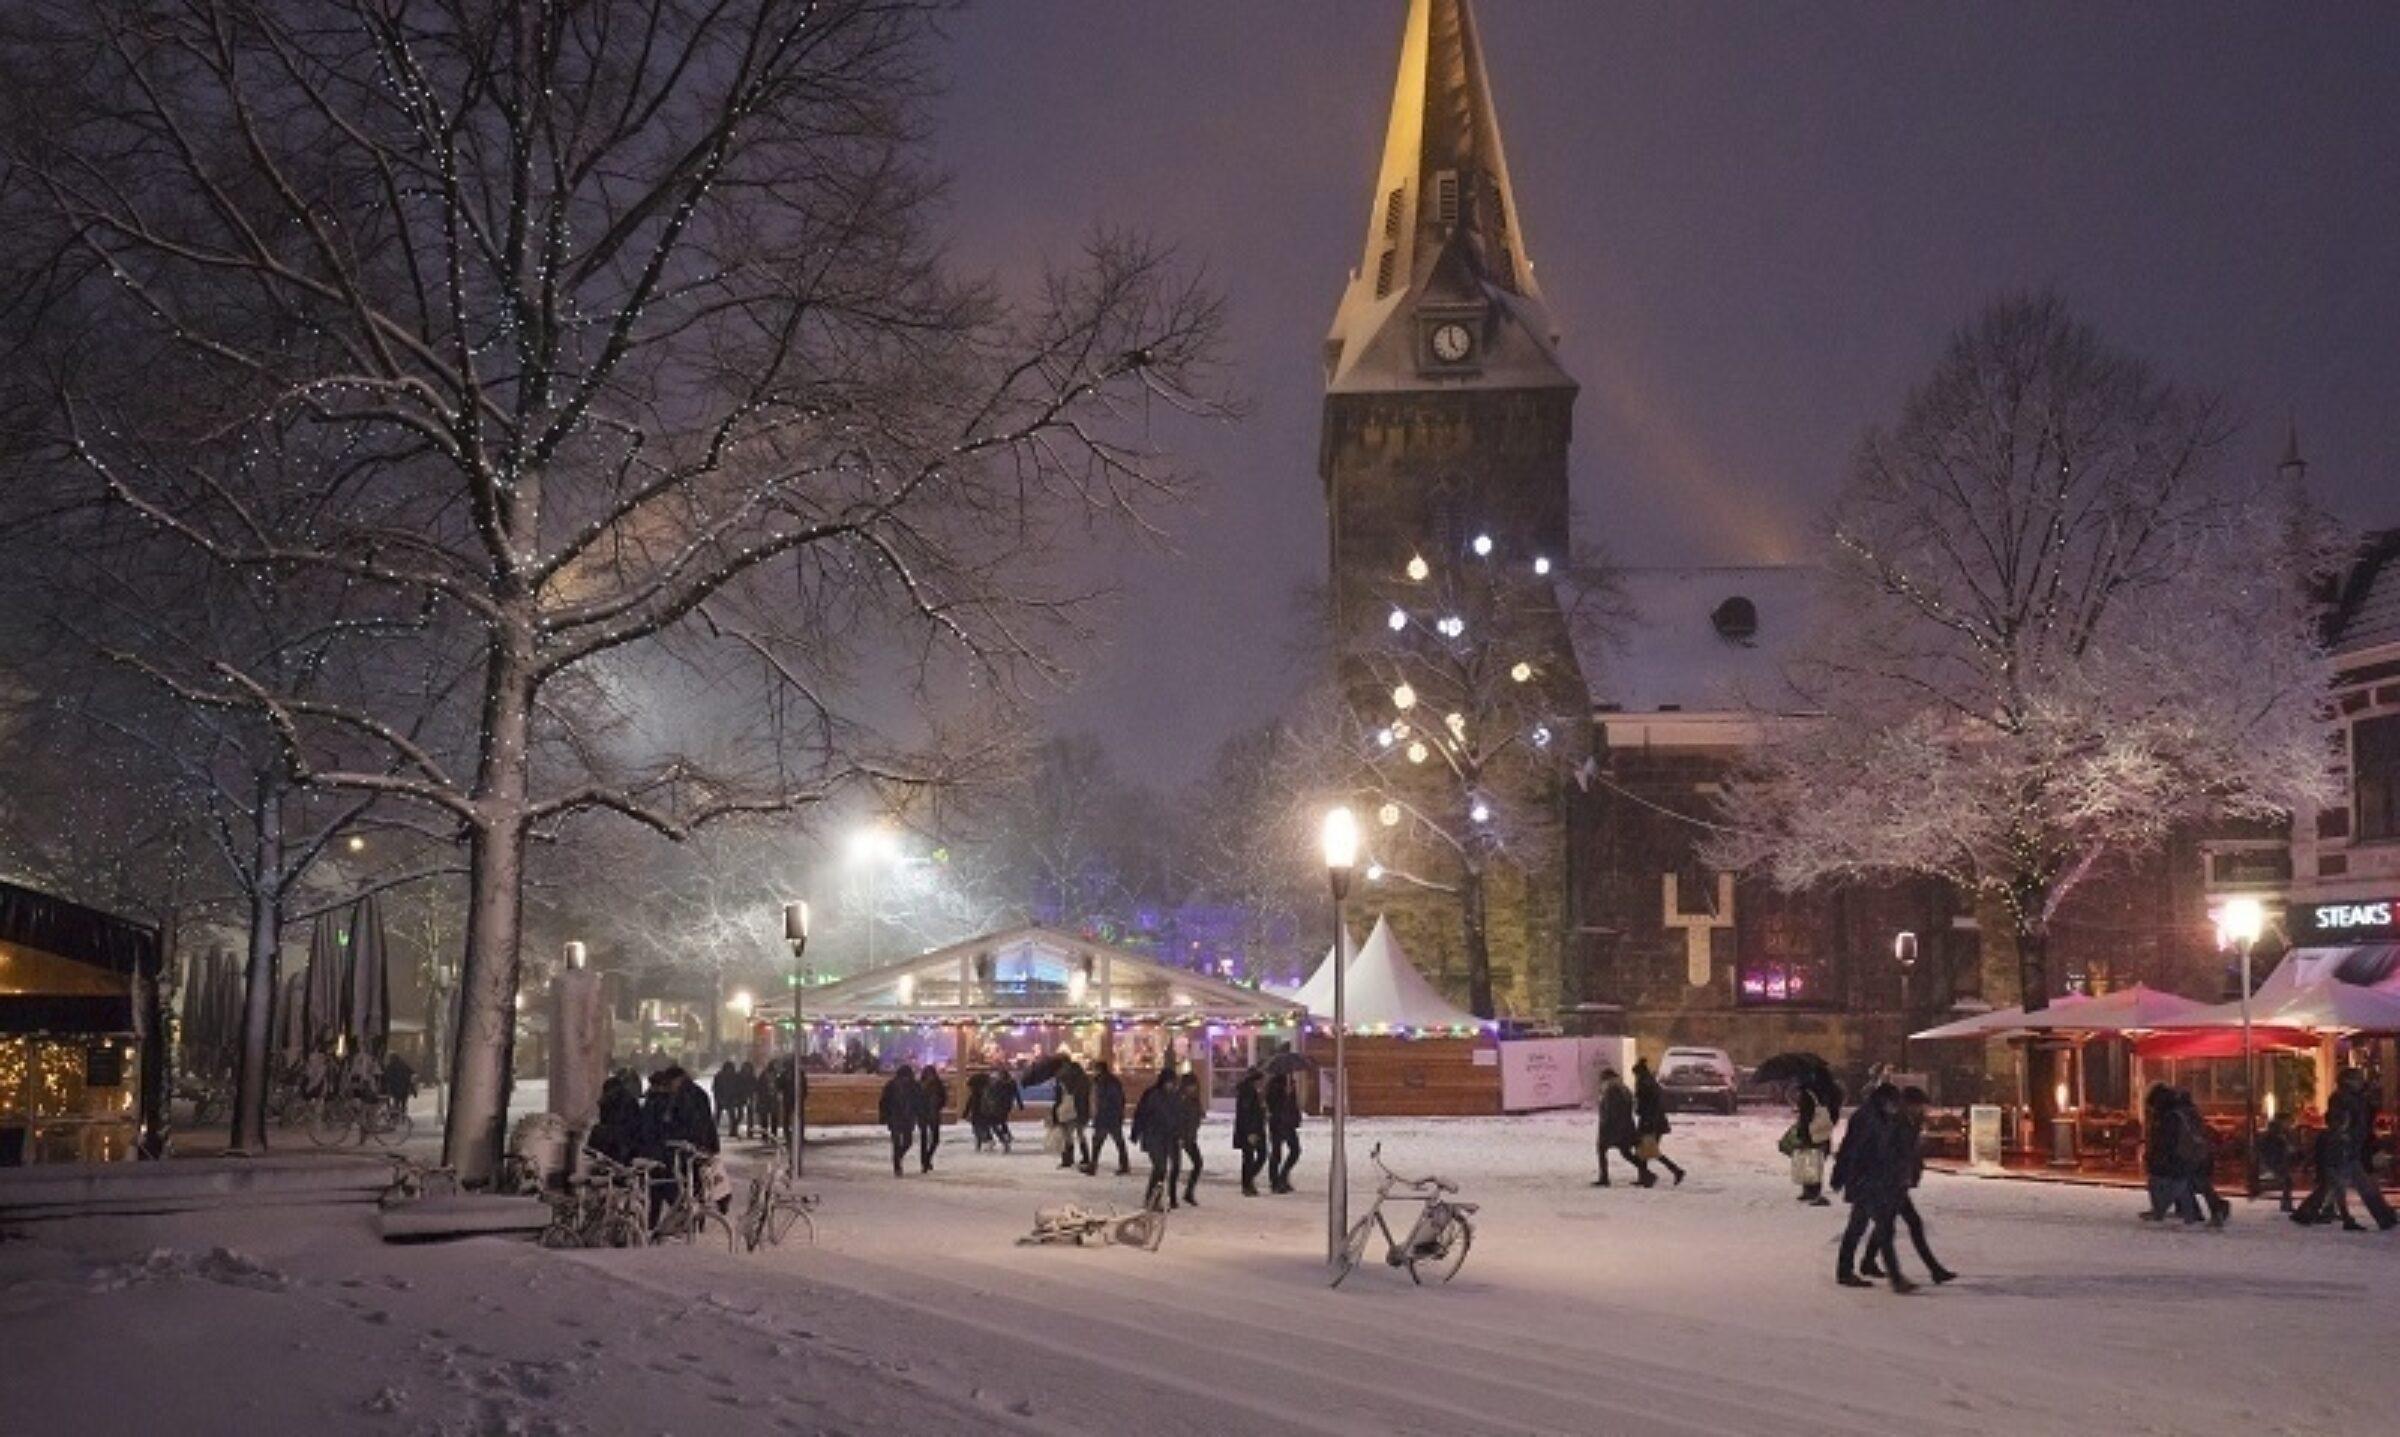 Winter-Wonderland Enschede